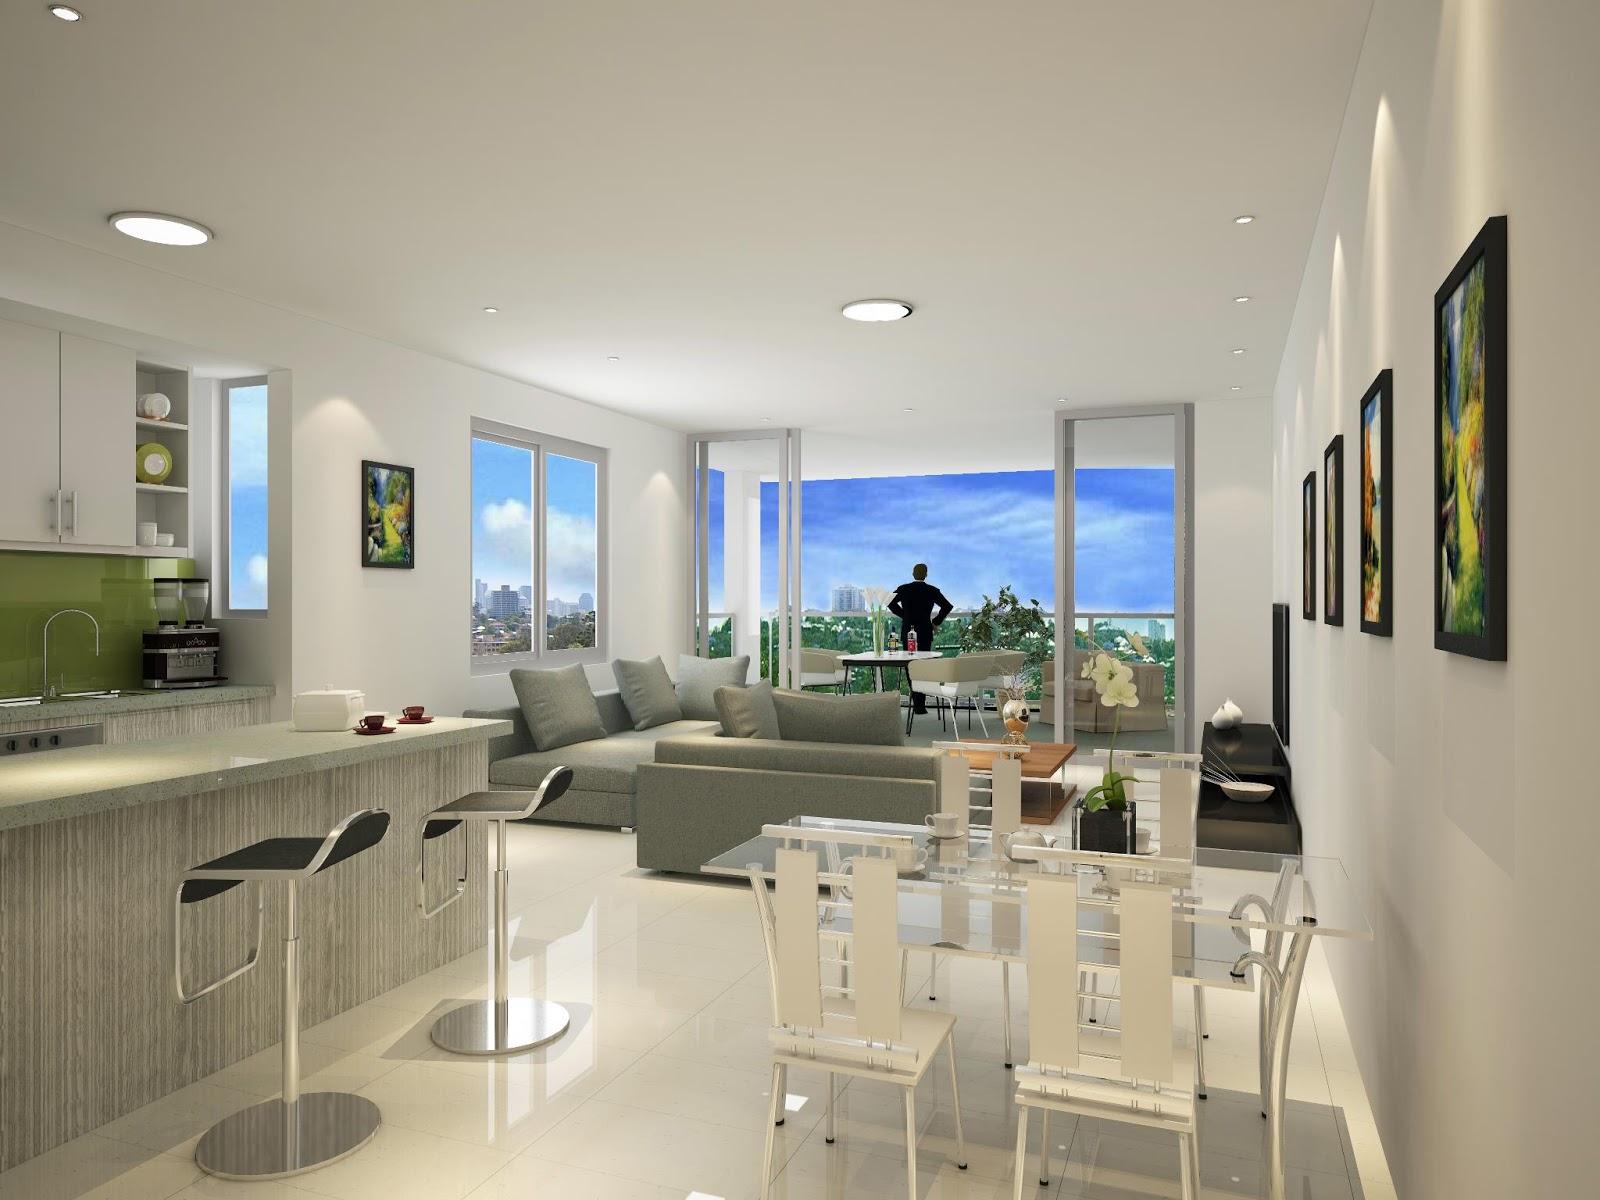 Construindo minha casa clean salas modernas de estar e for Salas modernas pequenas para apartamentos